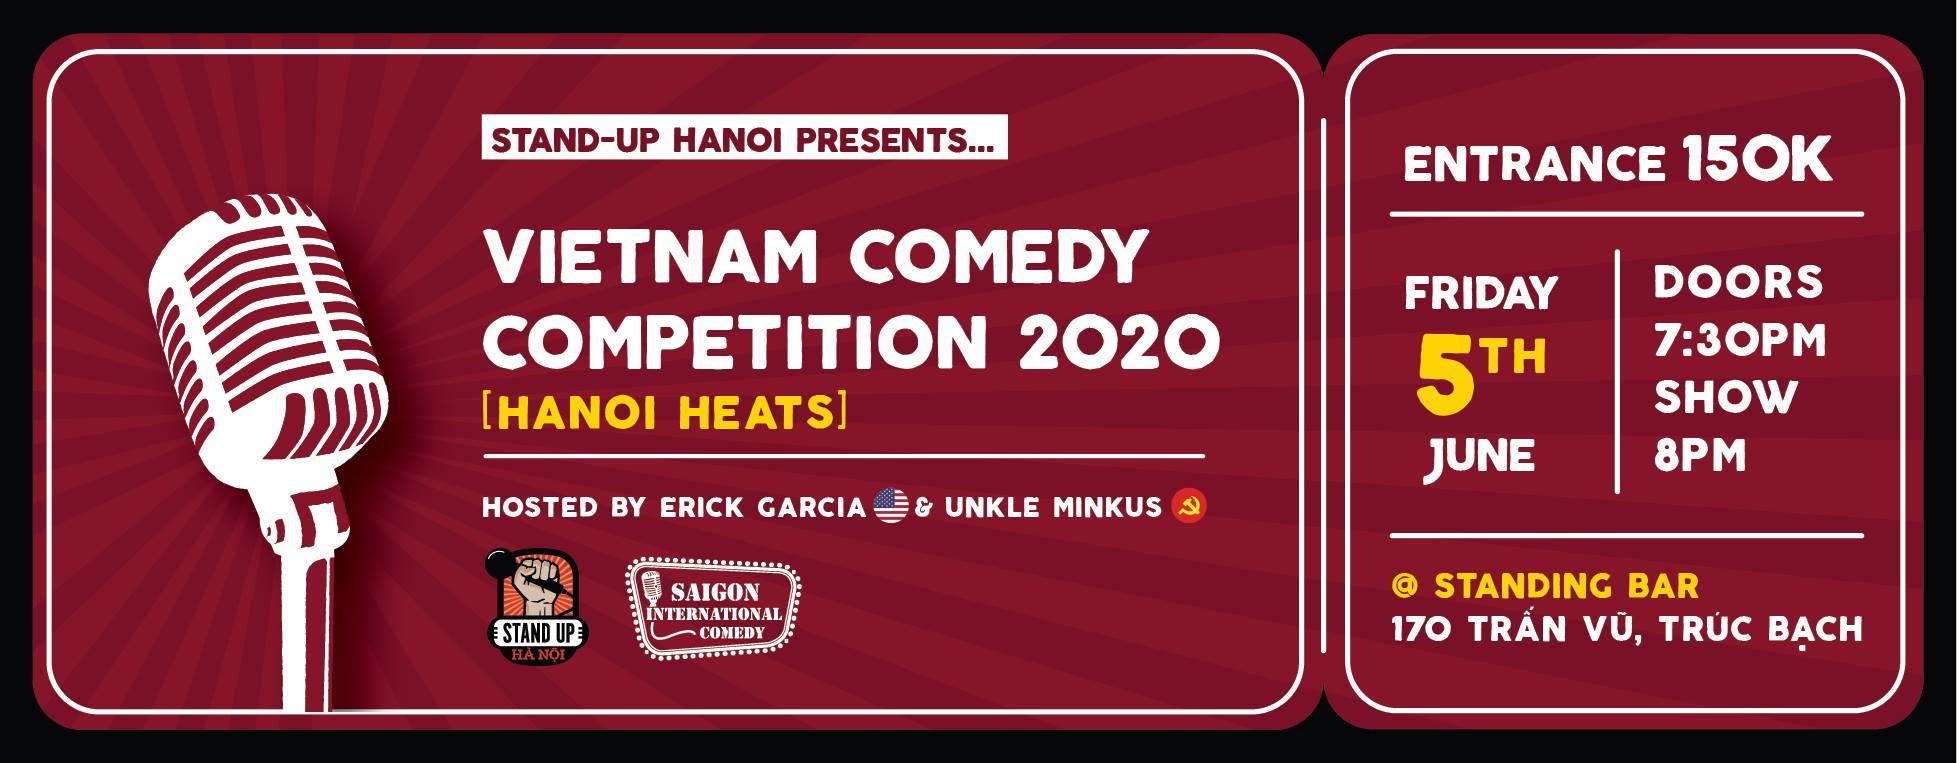 0506 Hanoi Event Comedy Festival